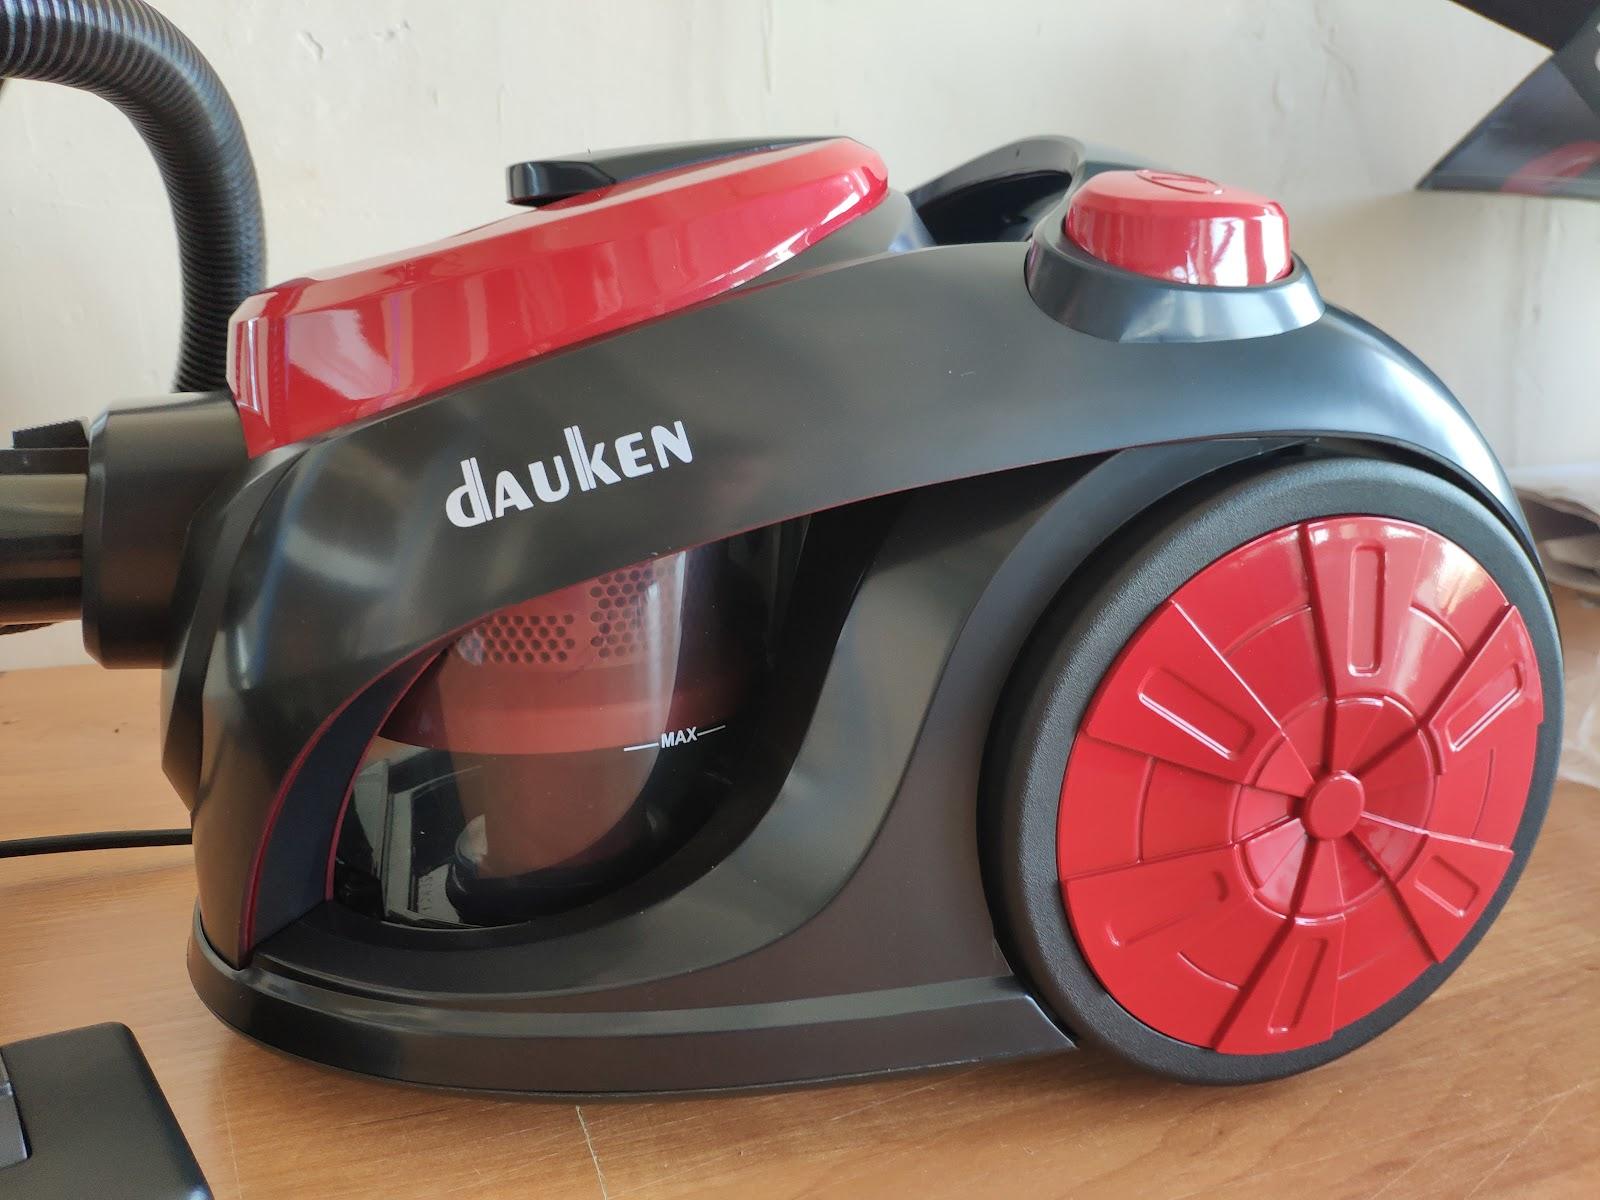 Пылесос с циклонным фильтром фирмы Dauken